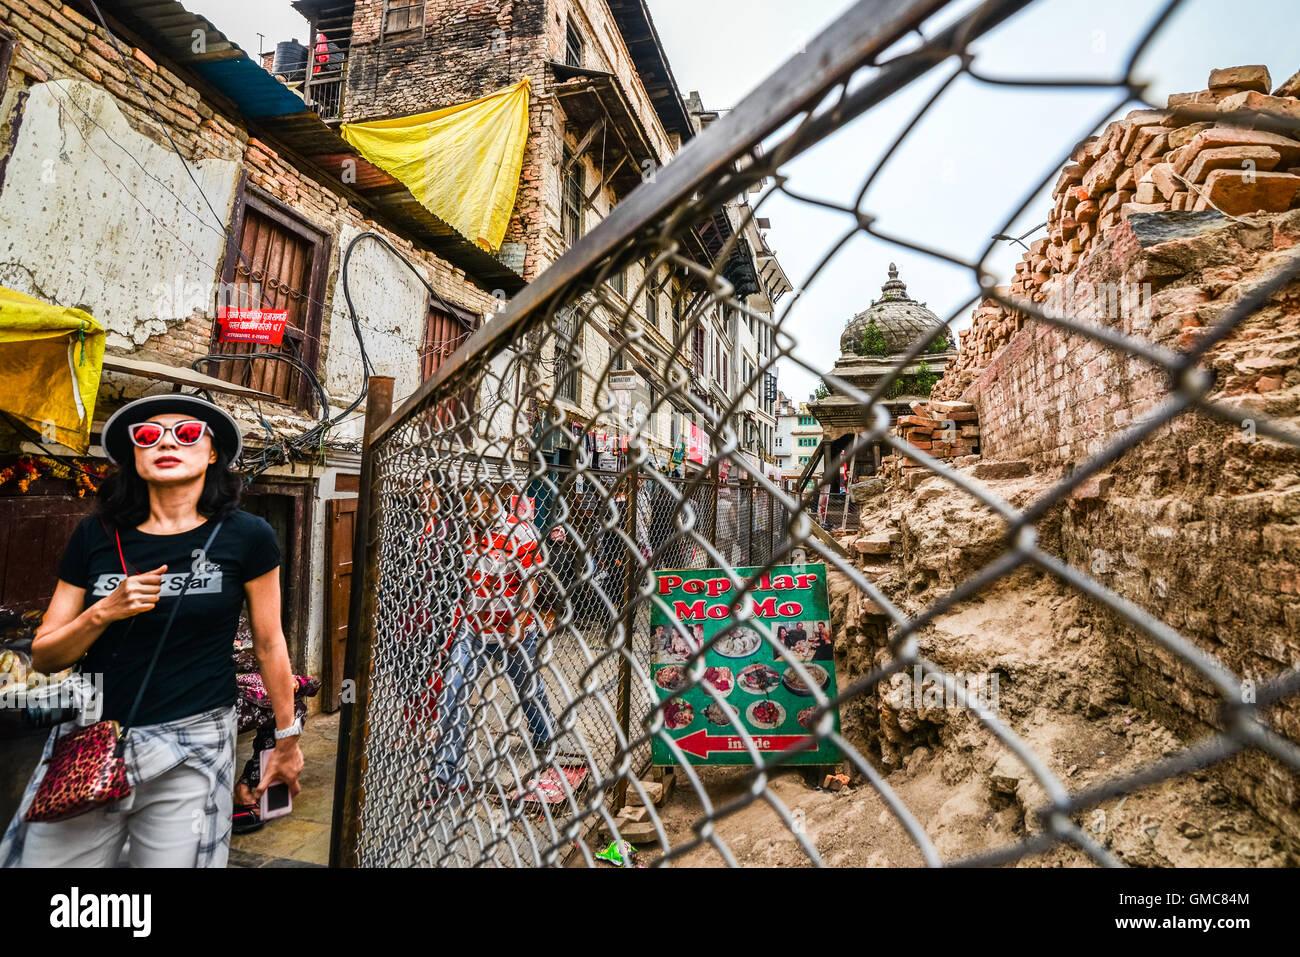 Turismo de Asia oriental pasa a través de un callejón cerca de un deteriorado edificio histórico Imagen De Stock